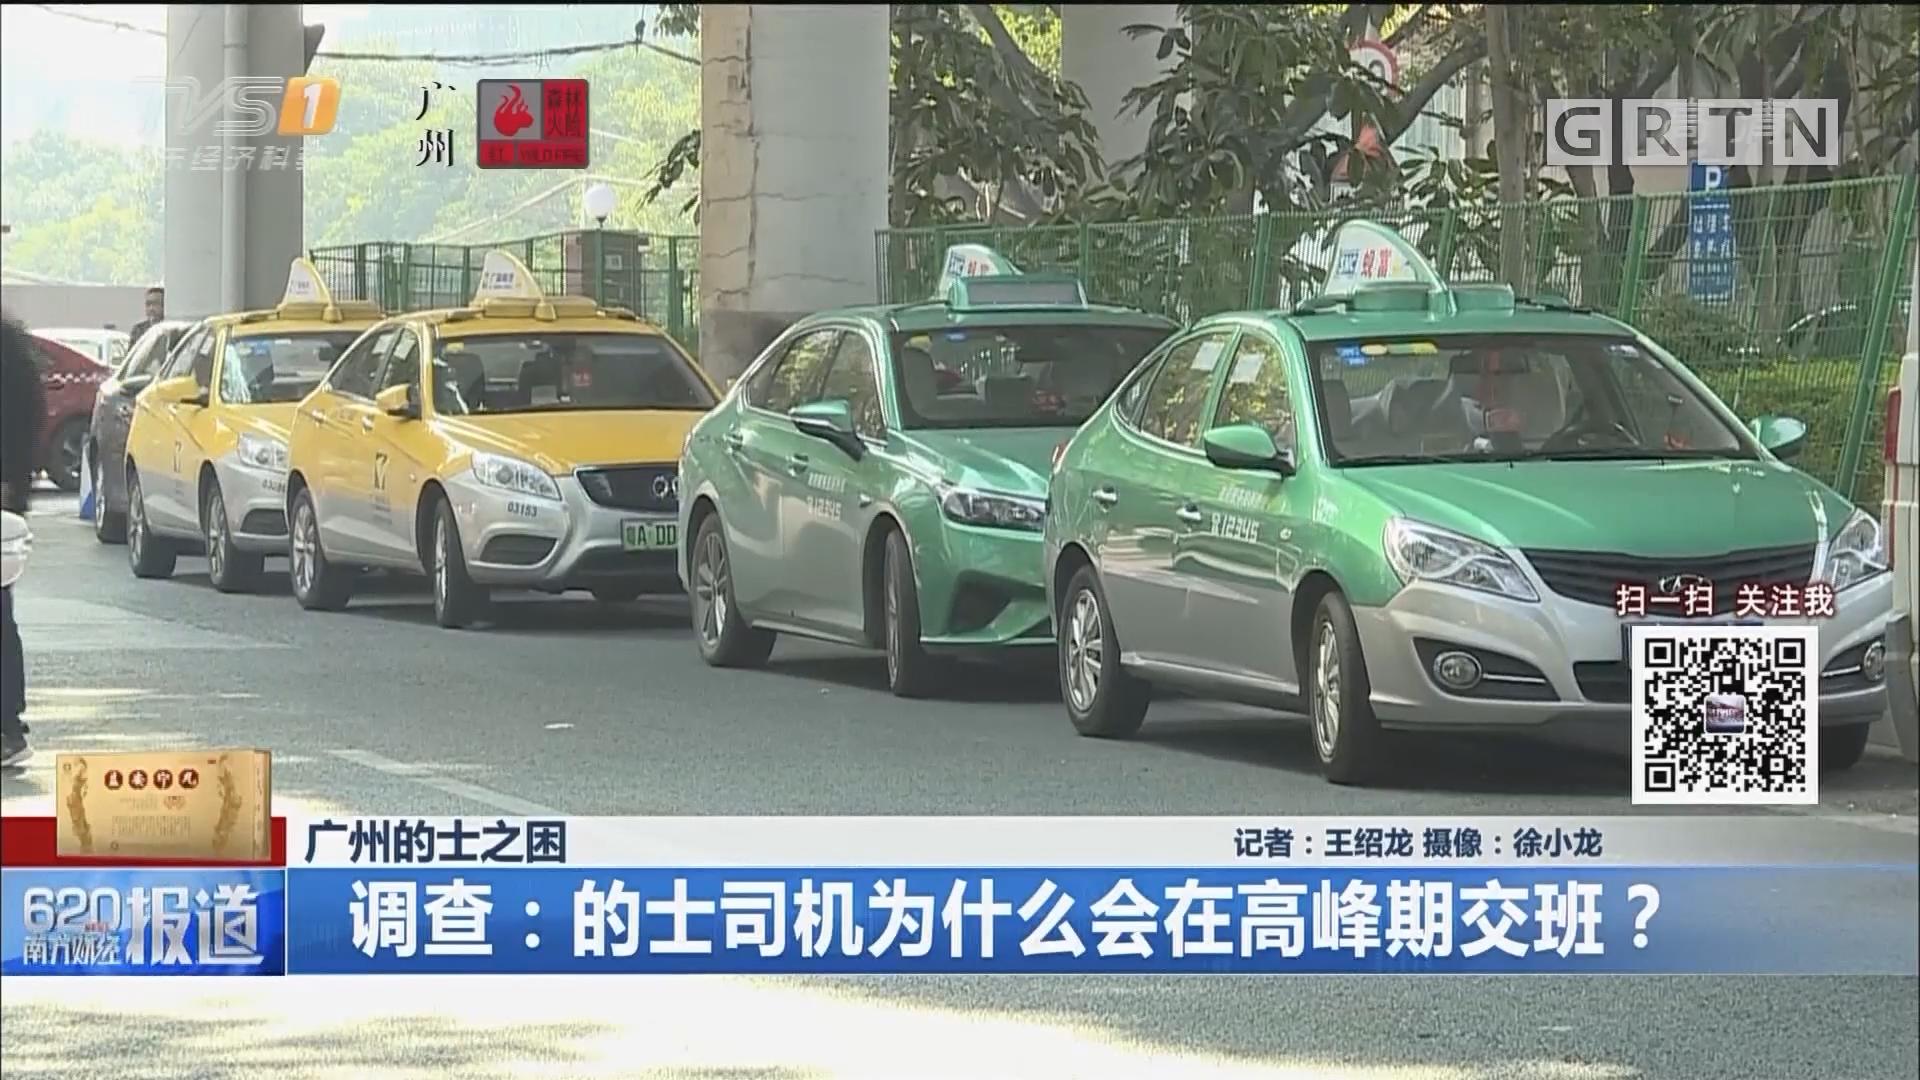 广州的士之困 调查:的士司机为什么会在高峰期交班?